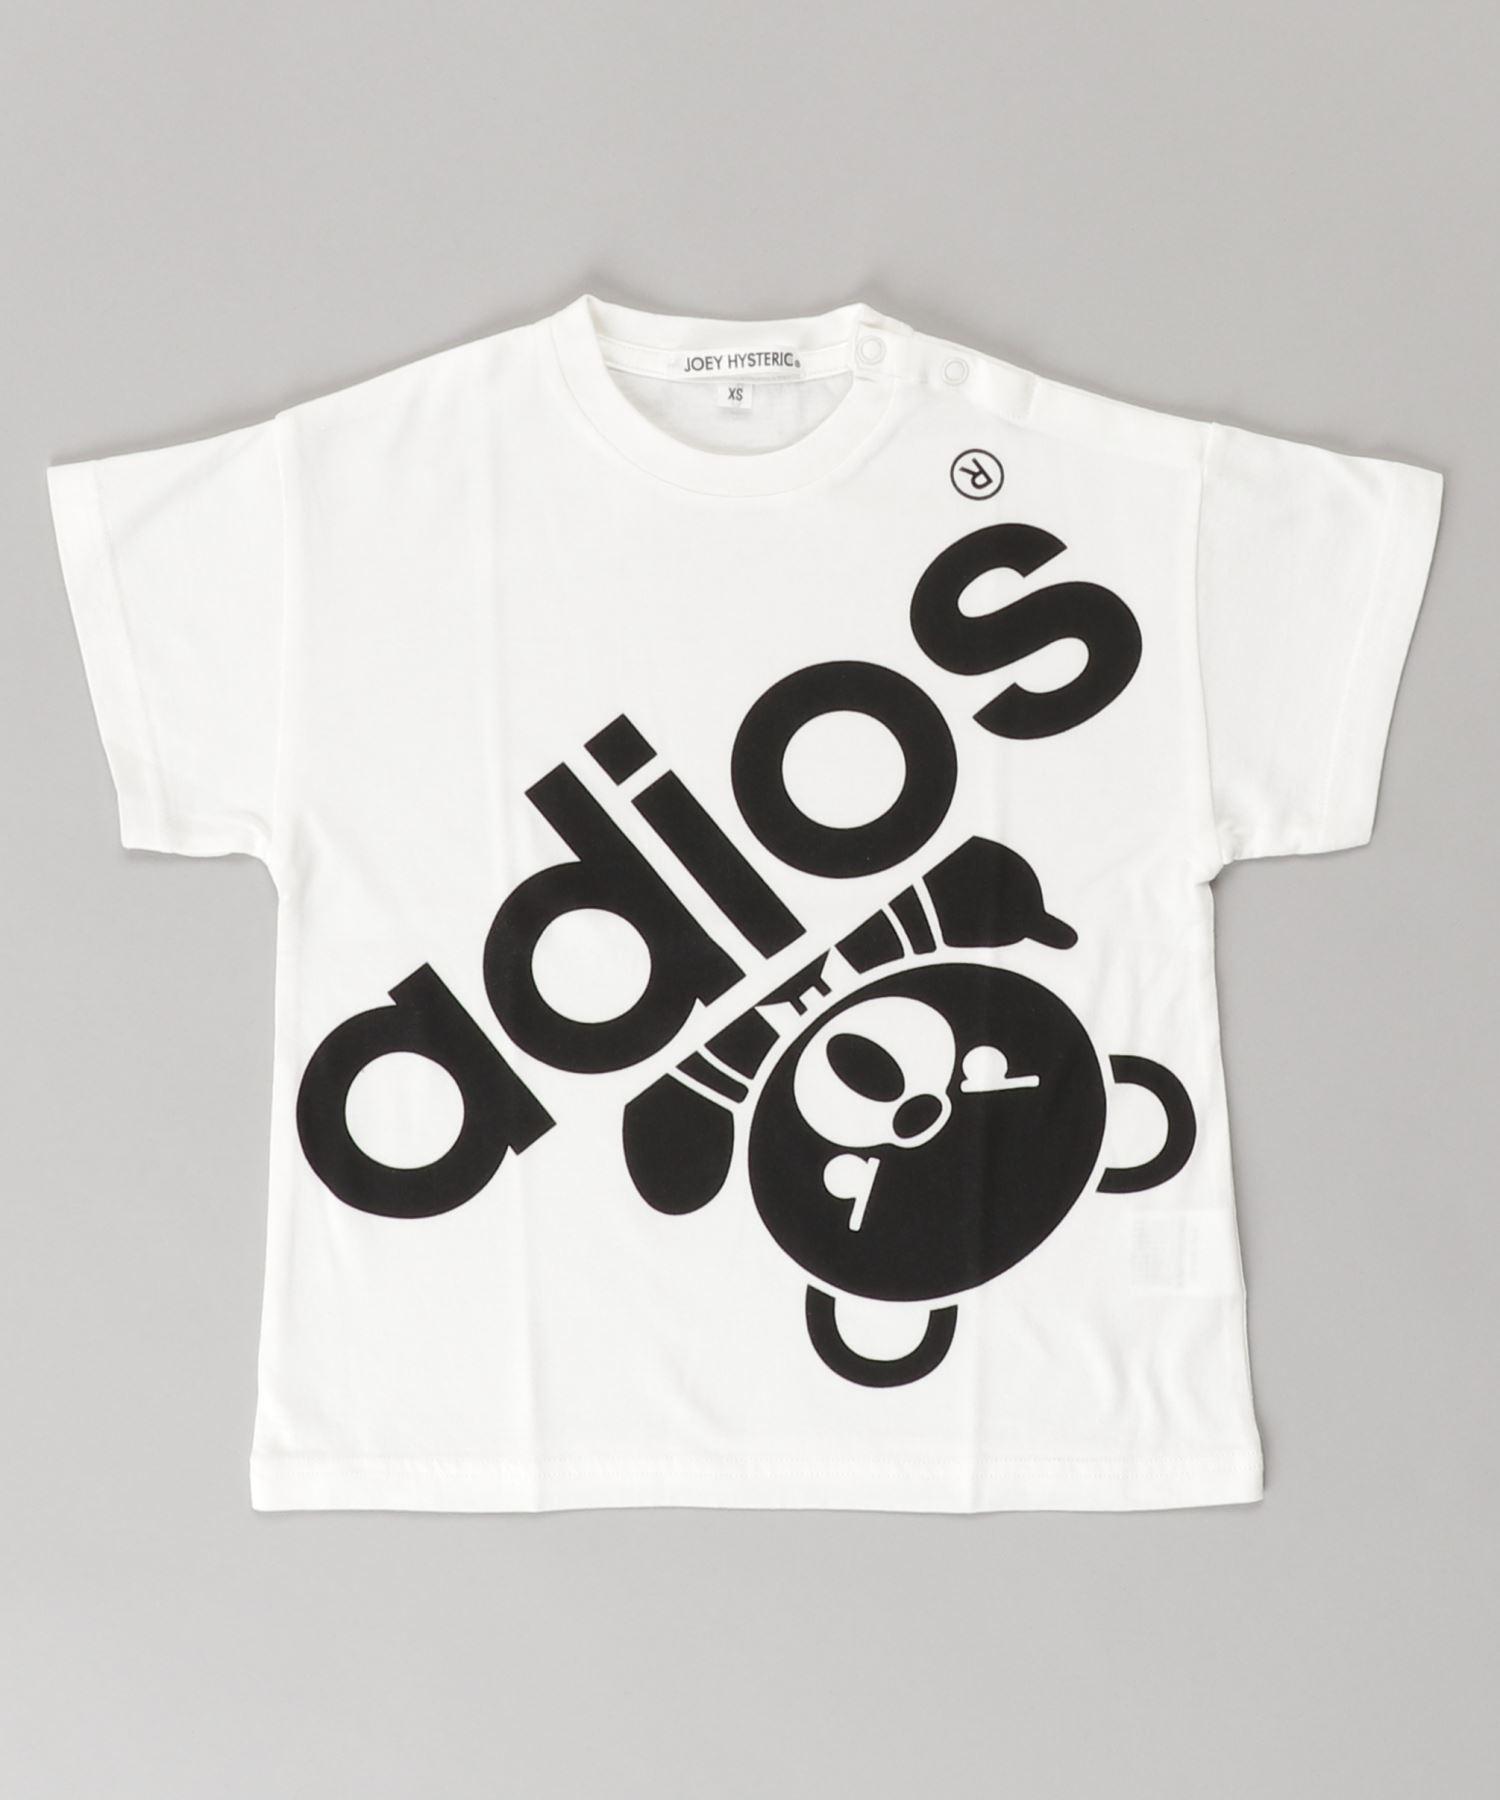 BIG ADIOS BEAR オーバーサイズTシャツ【XS/S/M】